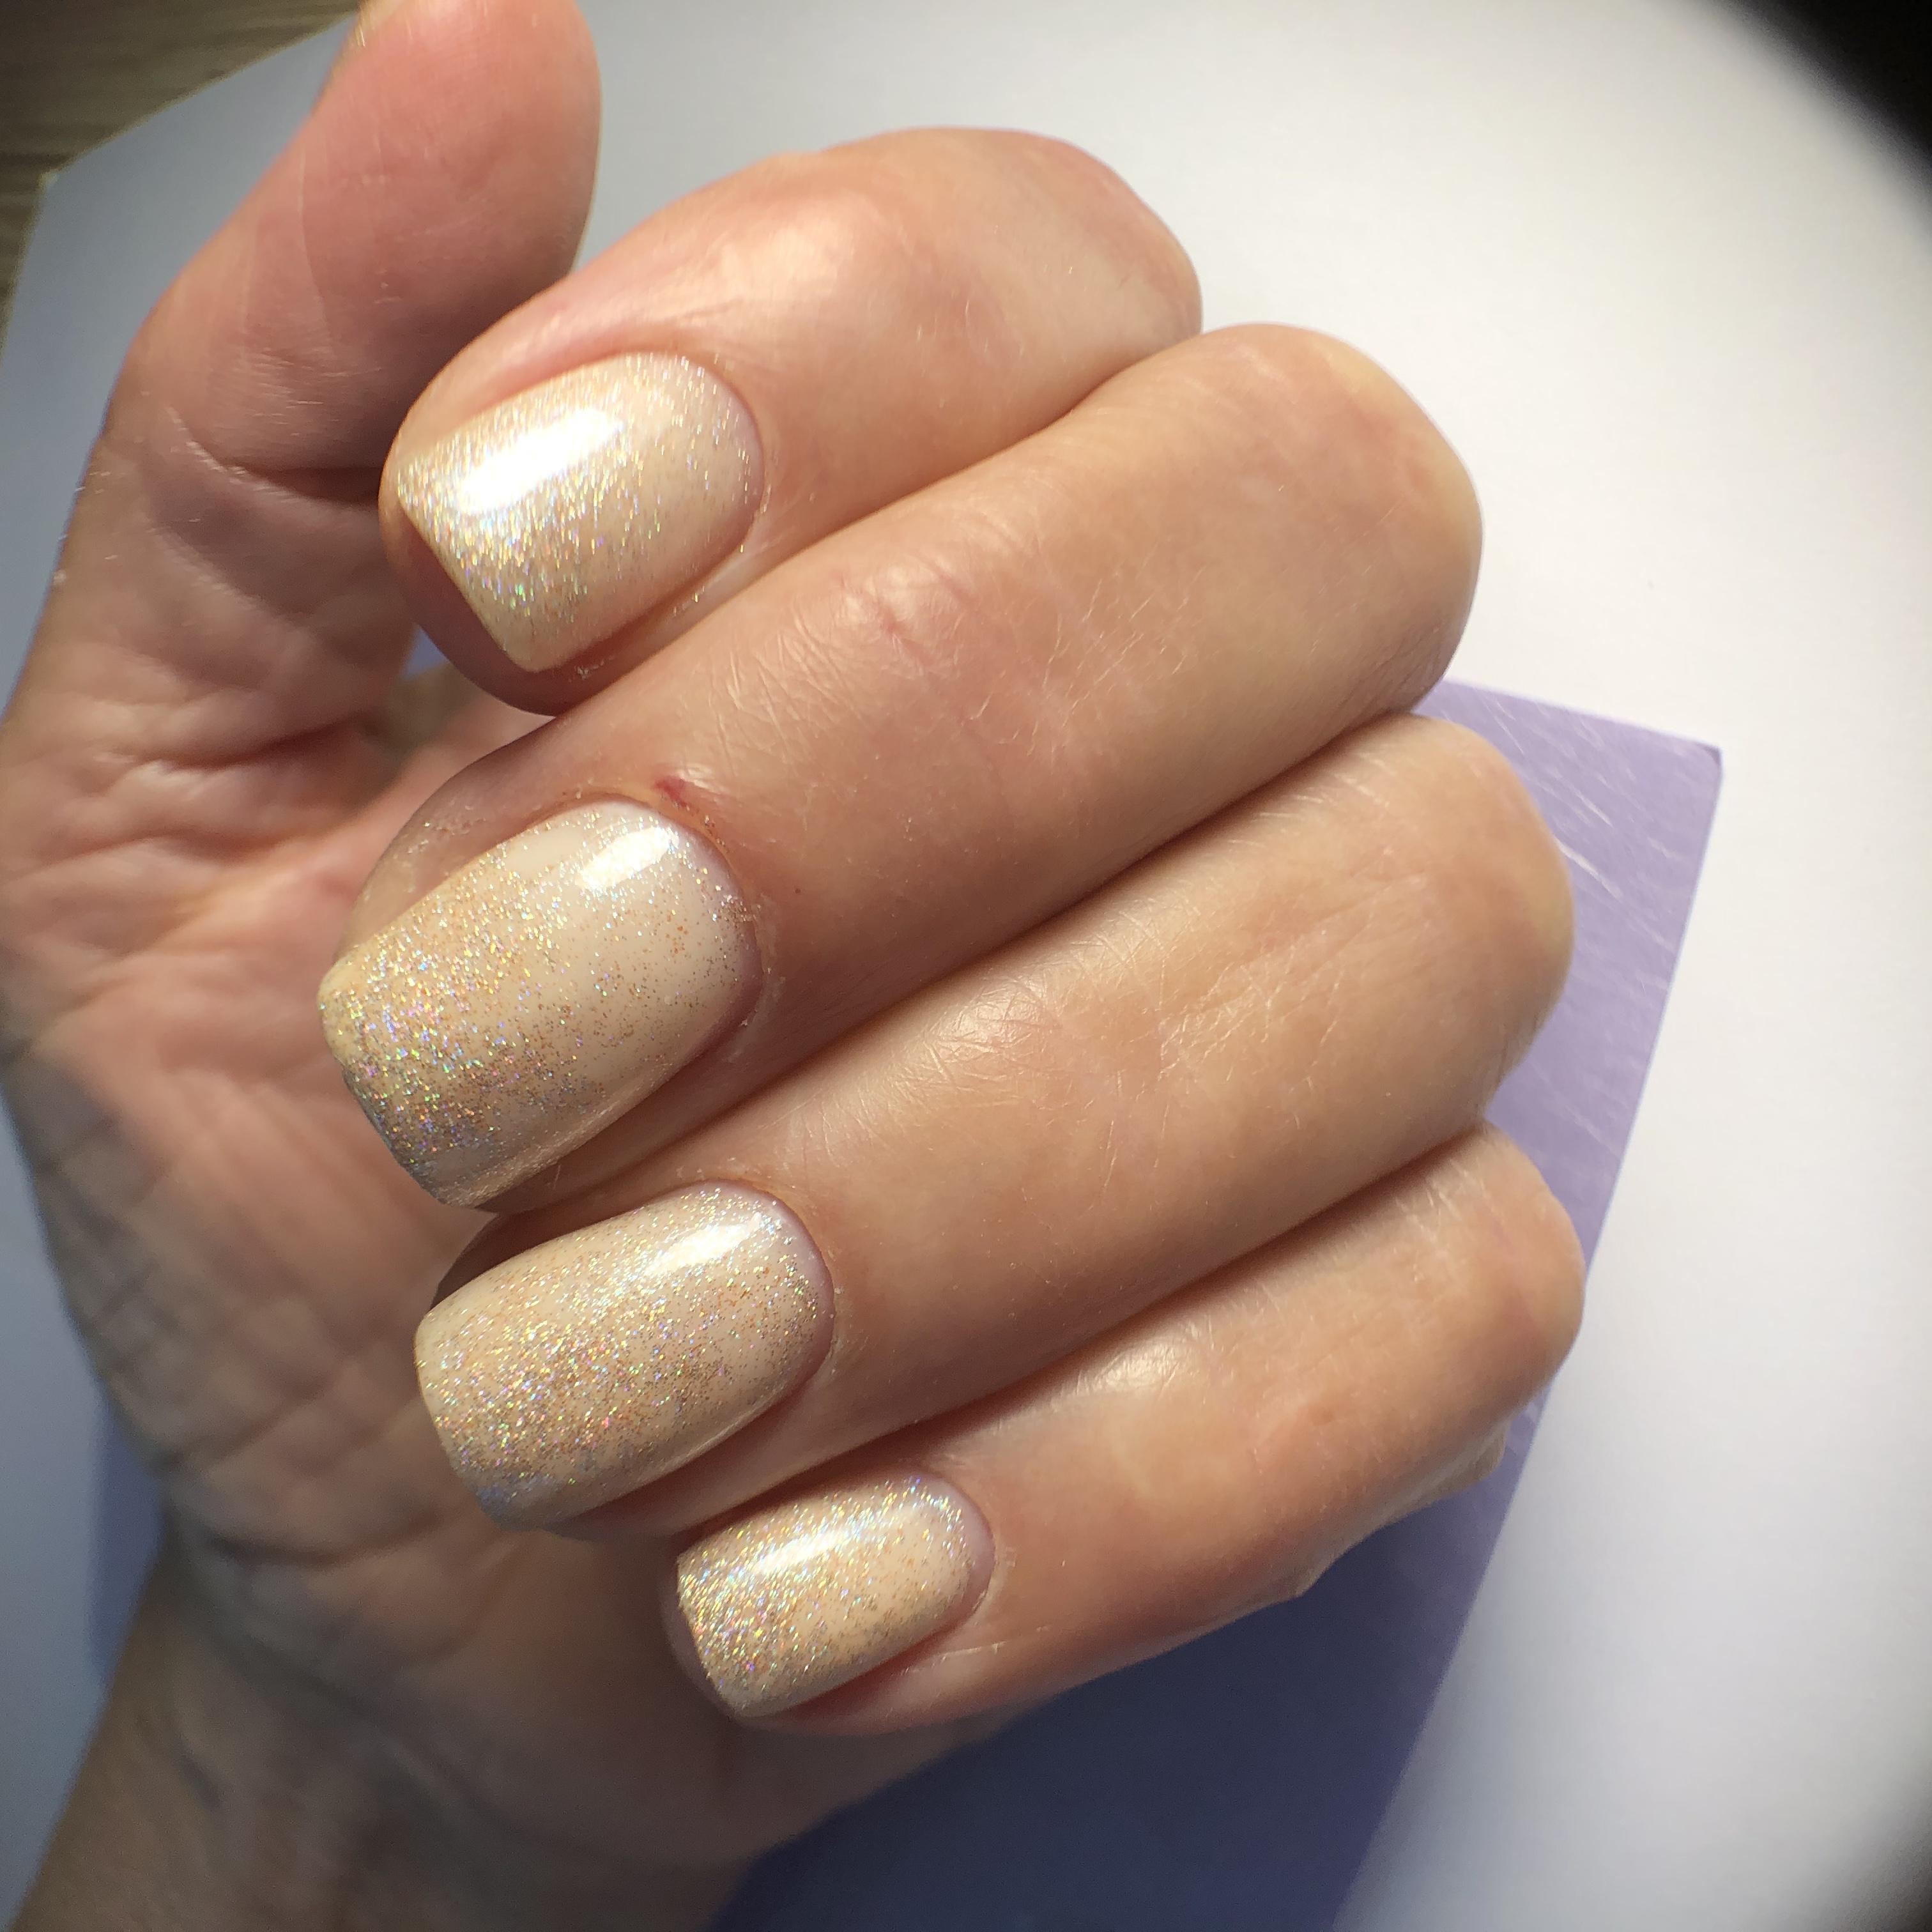 Маникюр с золотыми блестками в персиковом цвете на короткие ногти.